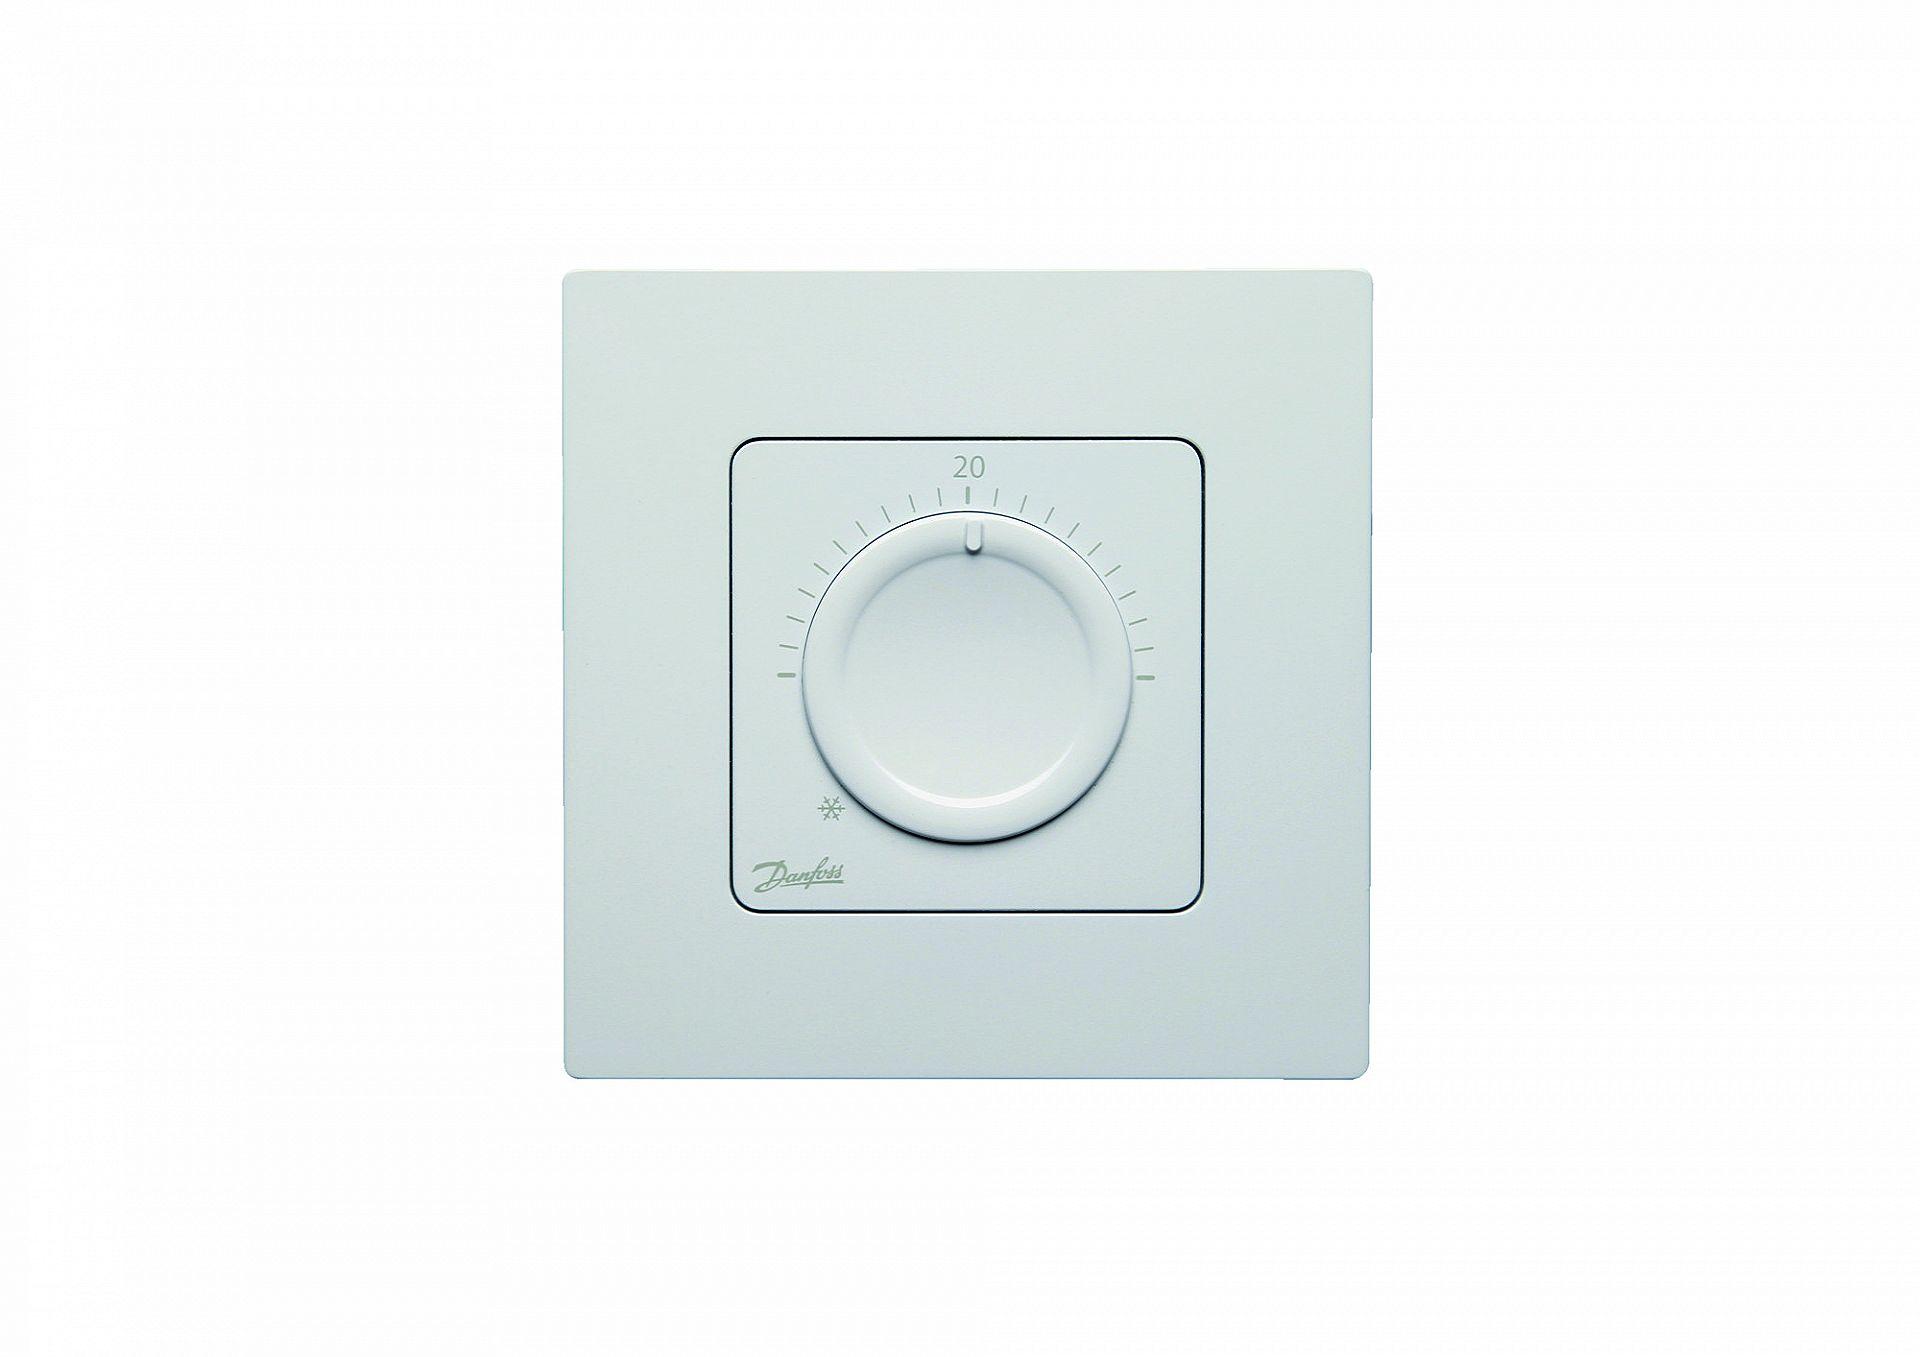 Termostat na stenu bezdrôtový s kolieskom